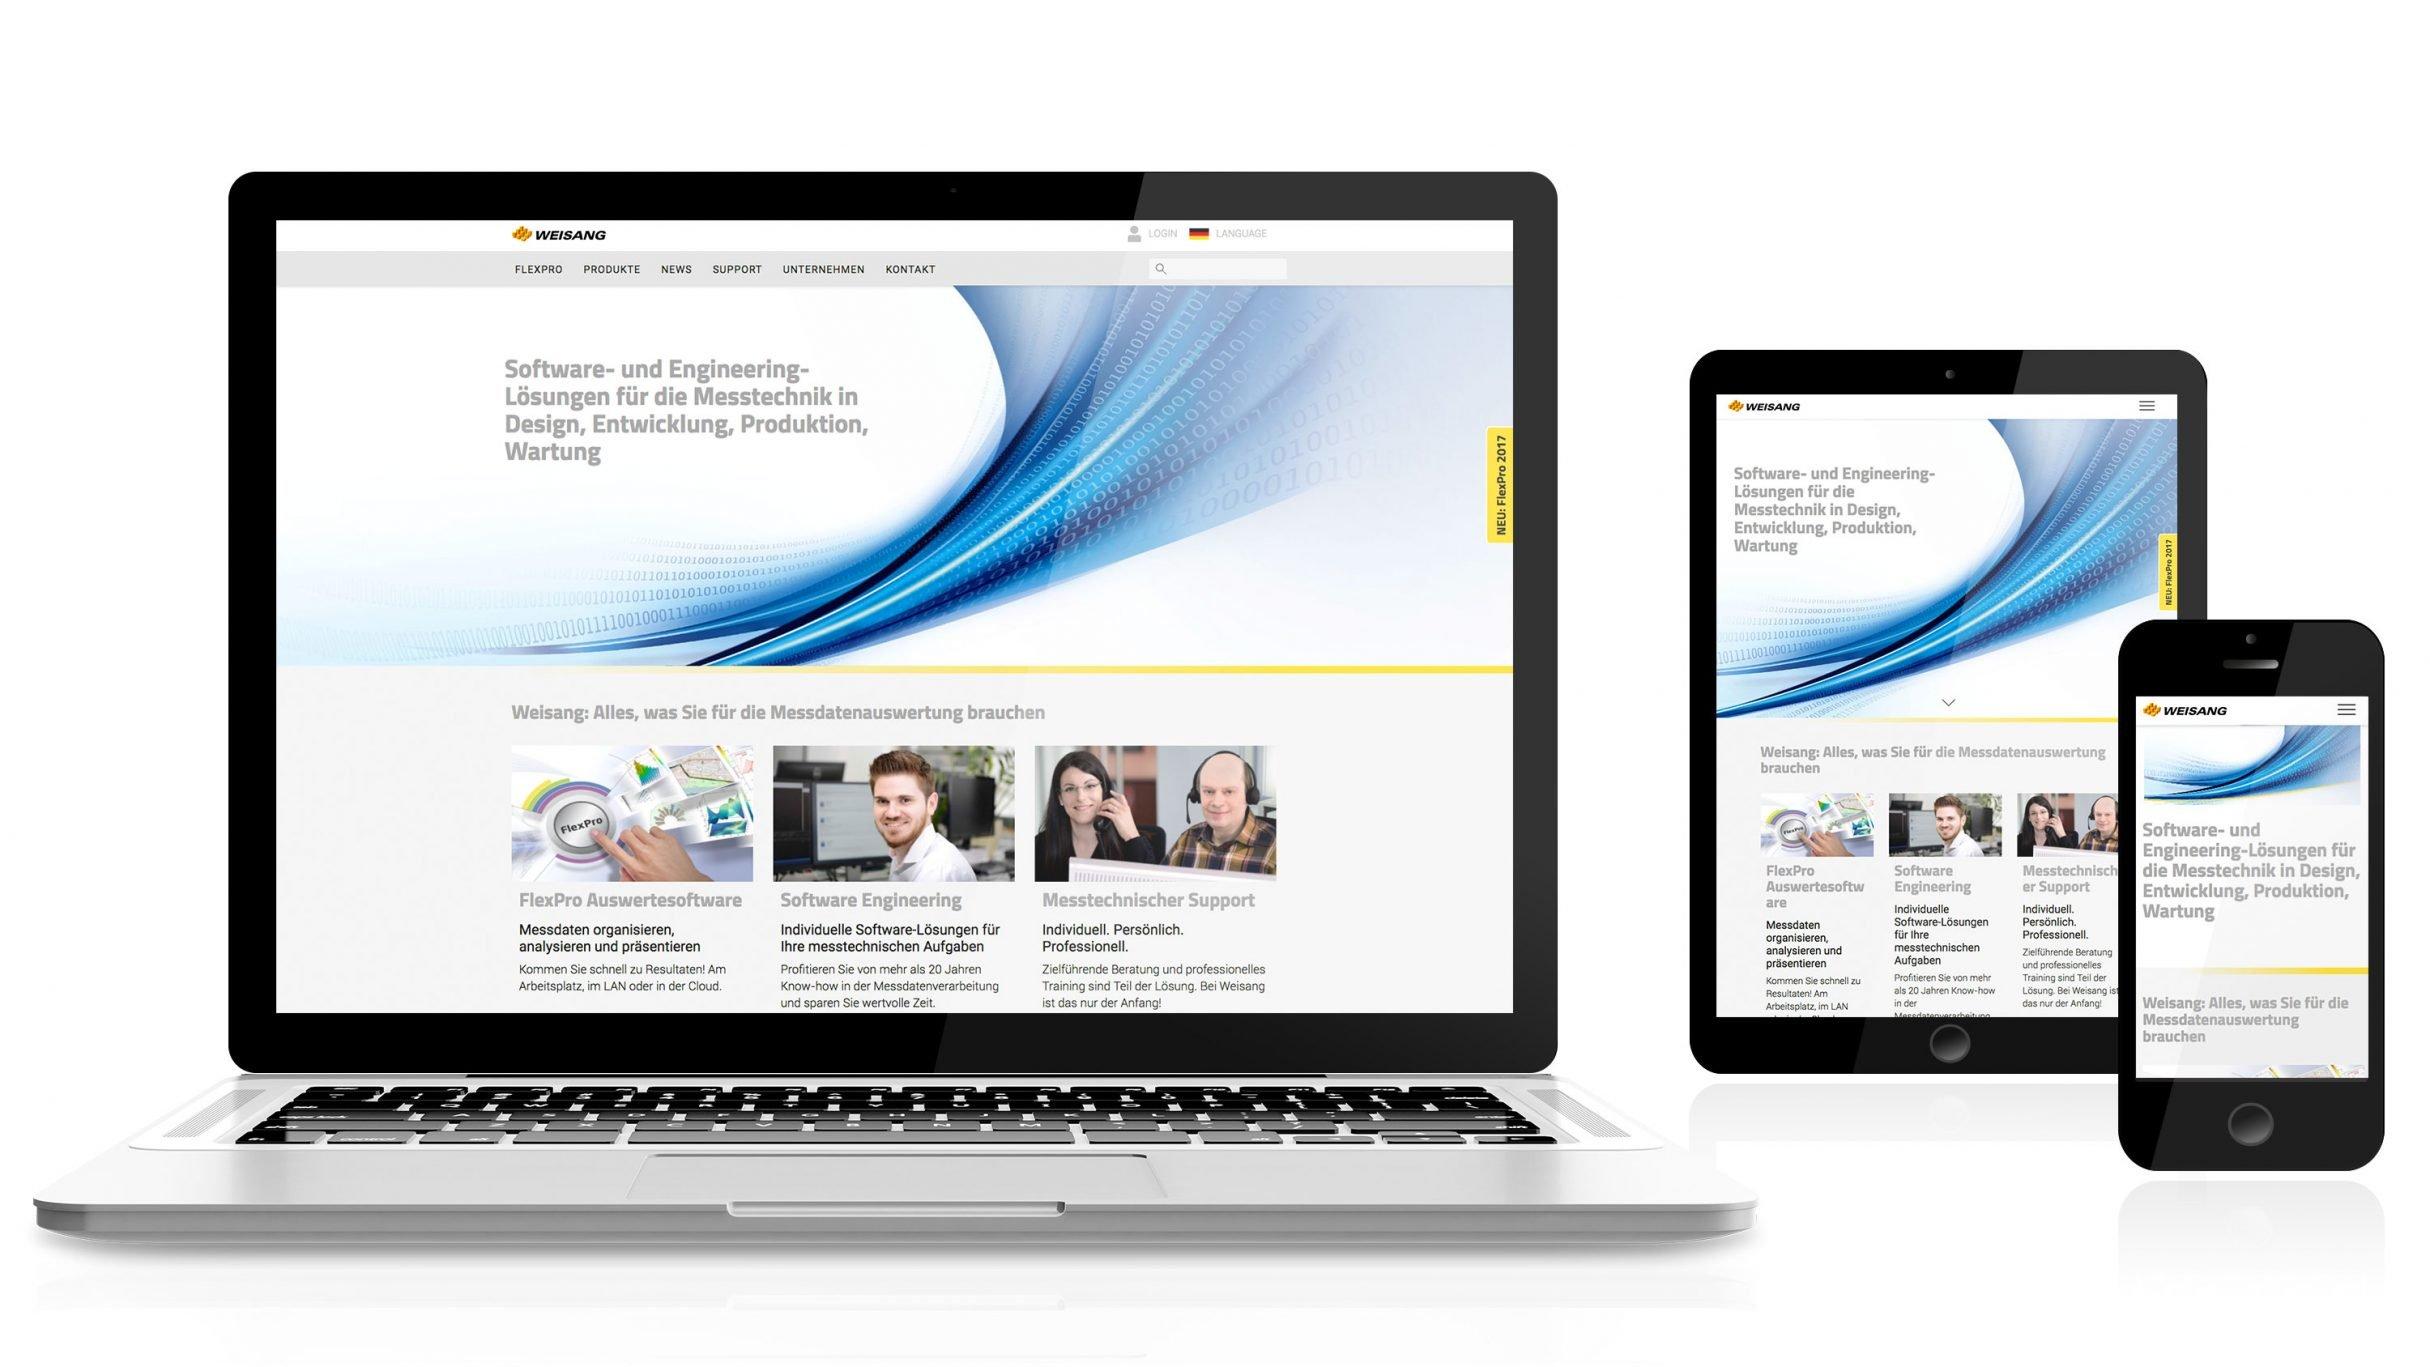 Responsive Webdesign, Markenkommunikation für Weisang: DIE NEUDENKER® Agentur, Darmstadt